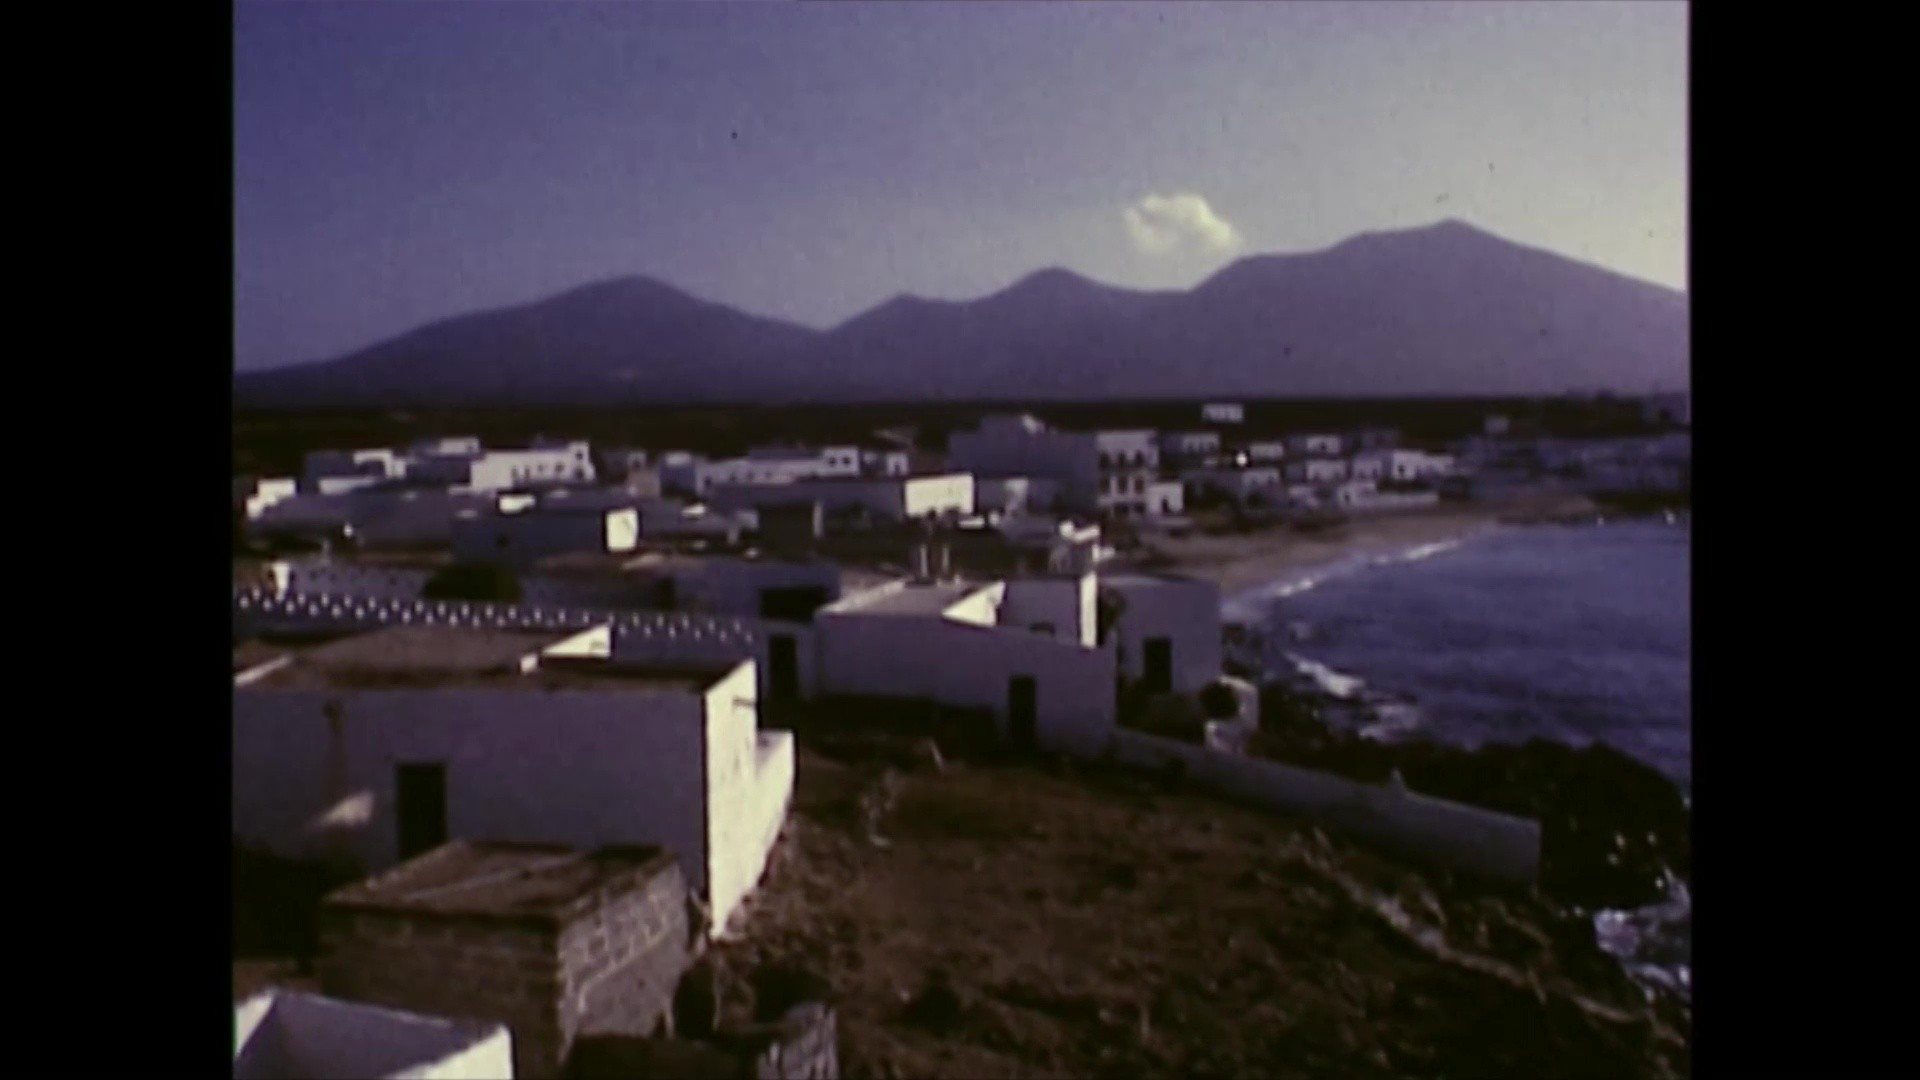 Lanzarote (c. 1970)